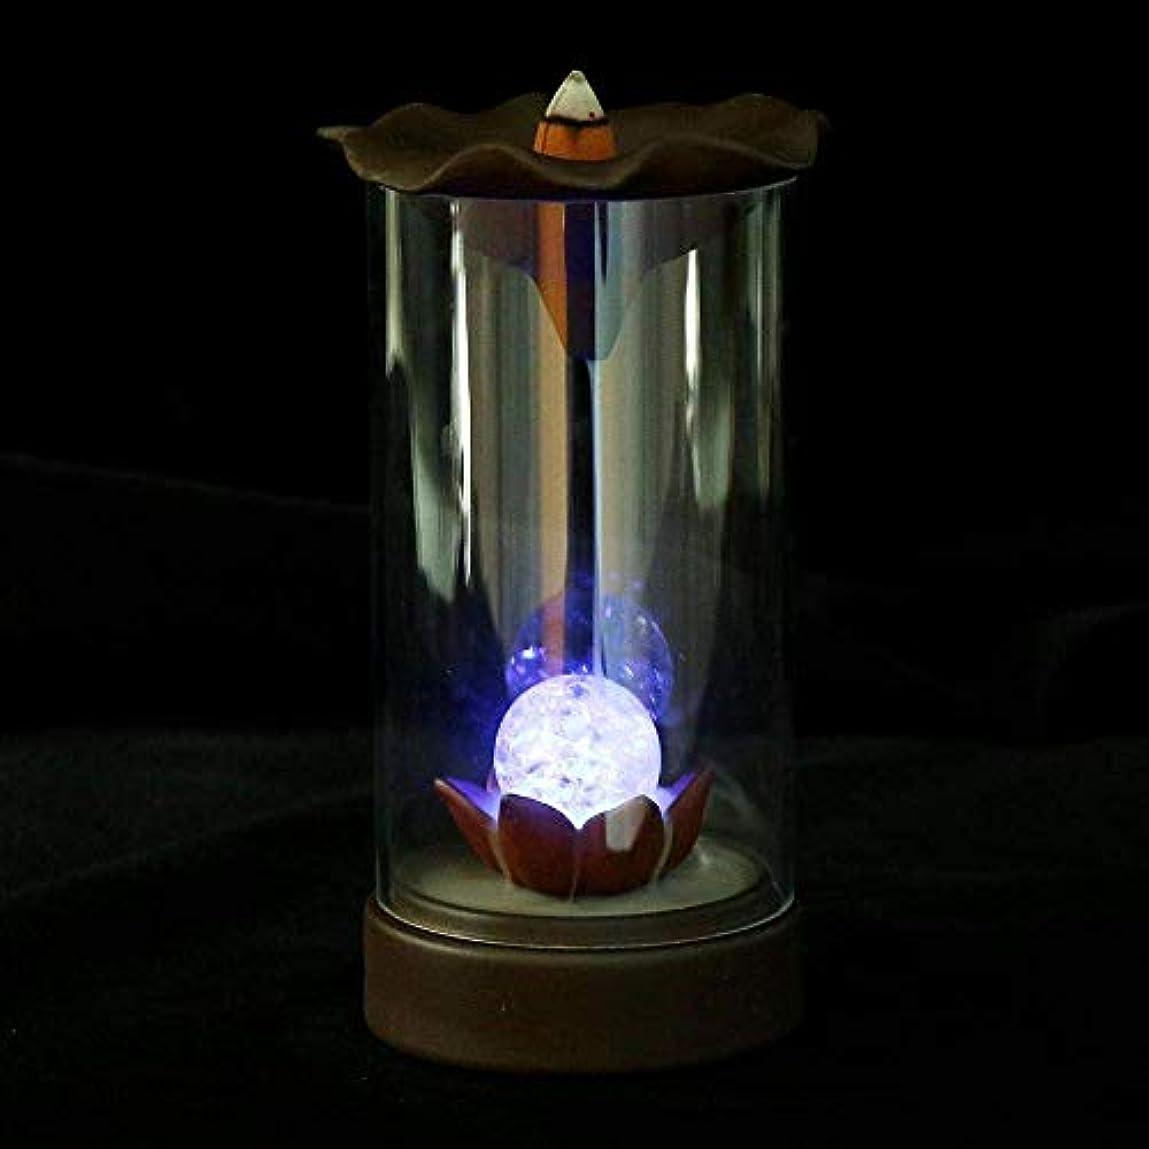 ディプロマ優先権略語YYW お香立て 逆流香炉 滝 煙 LEDライト お香ホルダー コーン 自宅 オフィス 装飾 10個のコーン付き